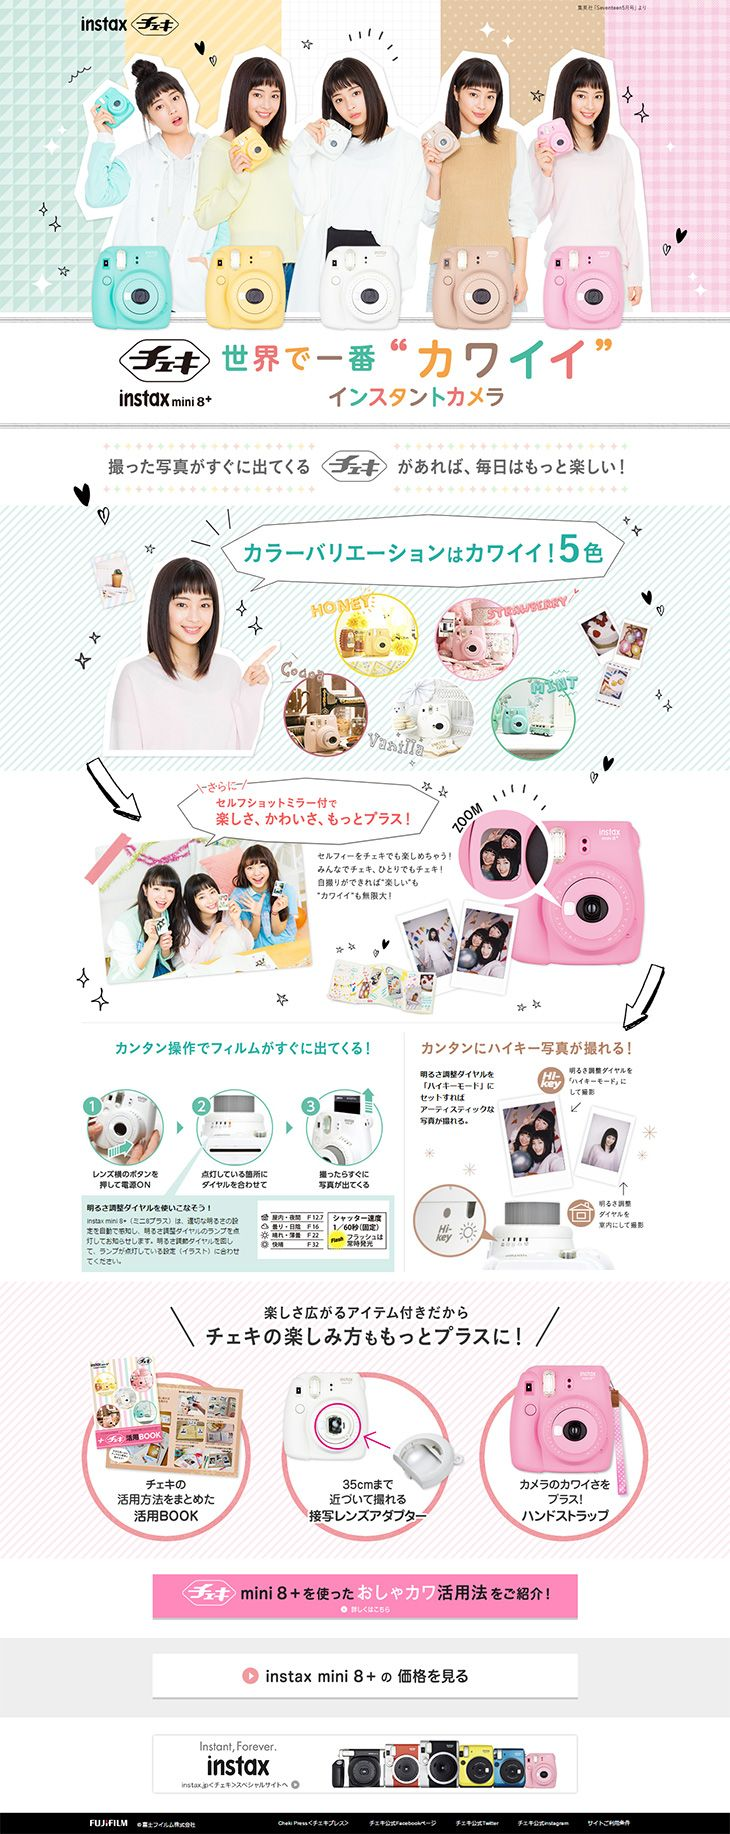 I Love Japanese Web Design Web Layout Design Web Graphic Design Facebook Design